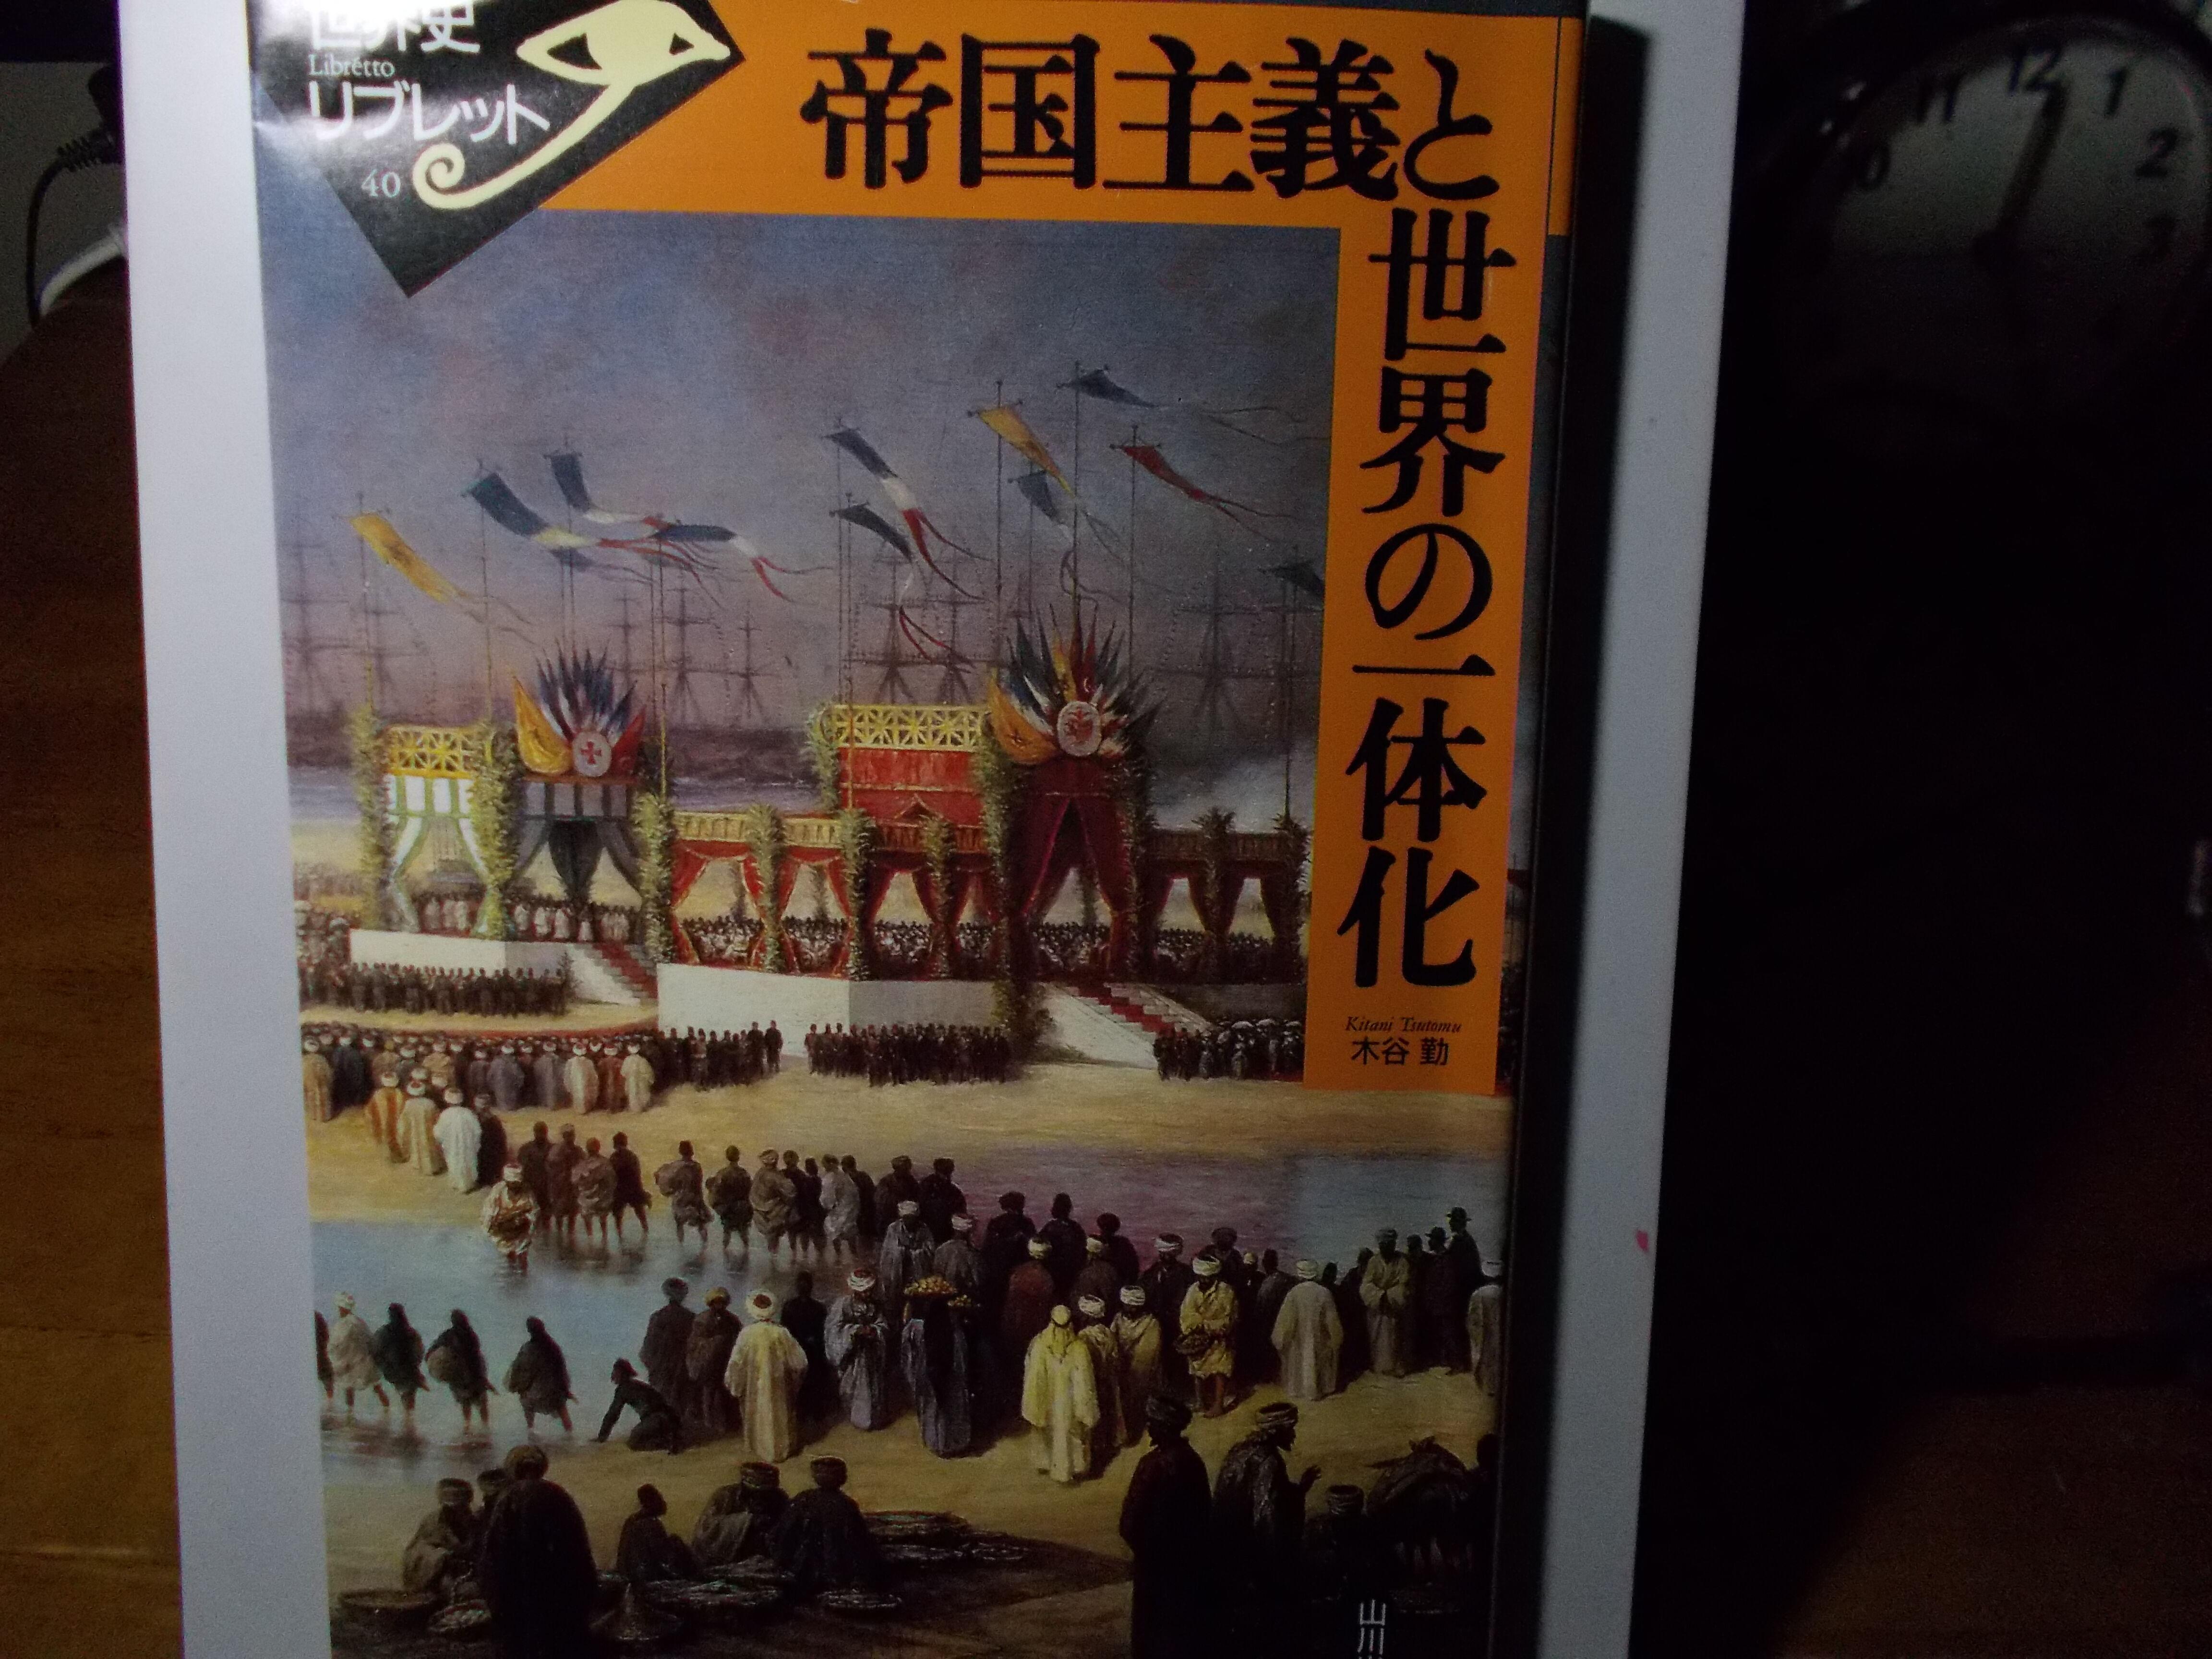 ◎学習計画:「帝国主義と世界の一体化」 : ◎[歴史への眼差し・世相批判]